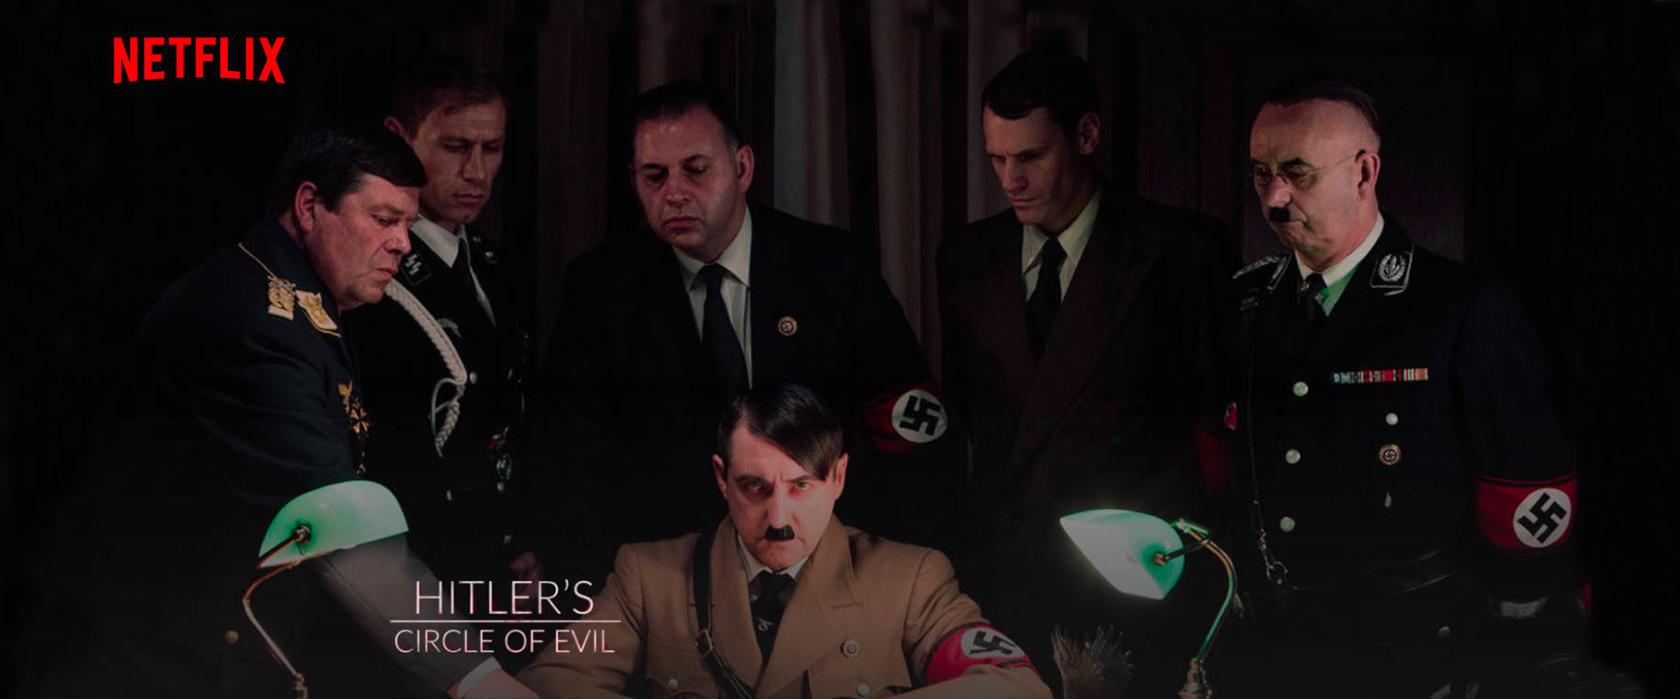 WEB_Simon_Hitler 4.jpg